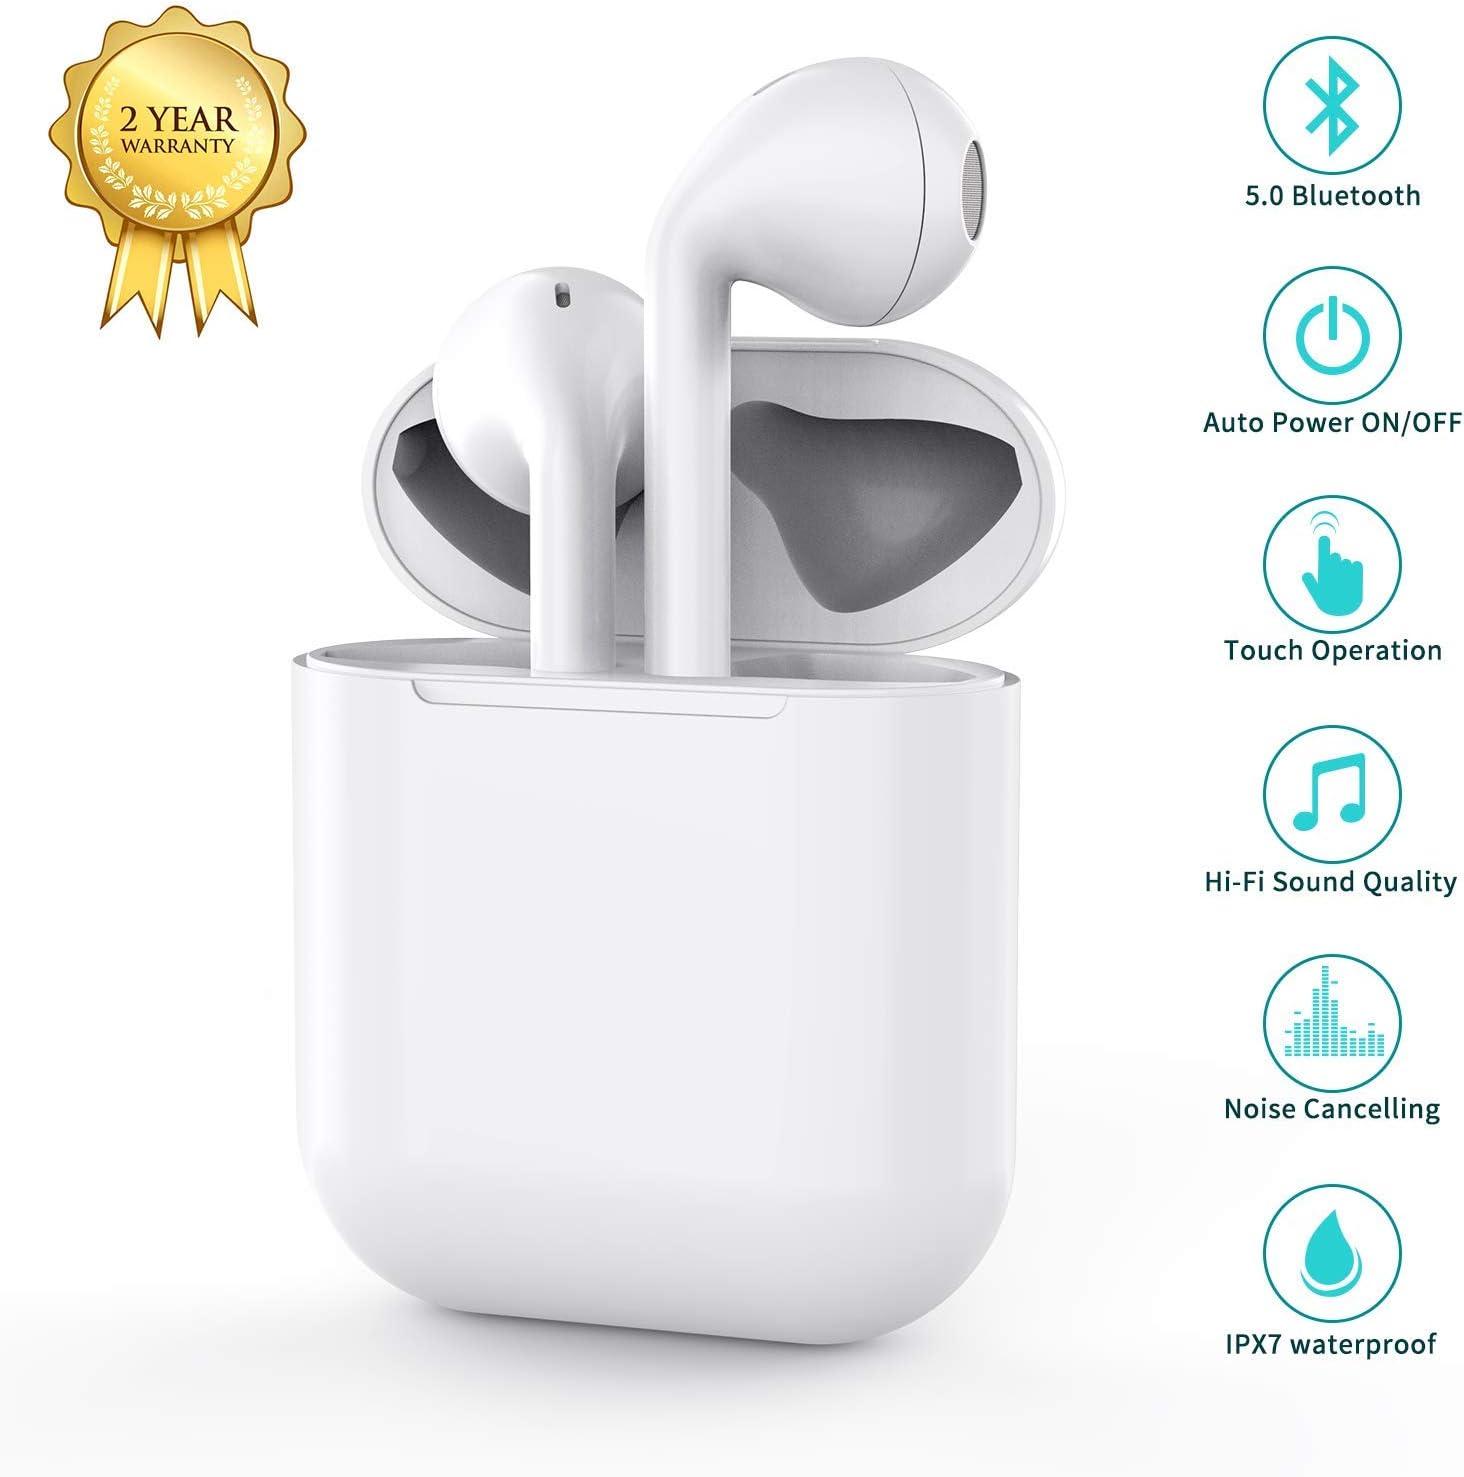 Auriculares Bluetooth5.0,Inalámbricos Deportivos Auriculares In-Ear Impermeable IPX7,Estuche de carga de 24 horas, reducción de Ruido estéreo 3D HD, para Apple/Airpods/Android/iPhone